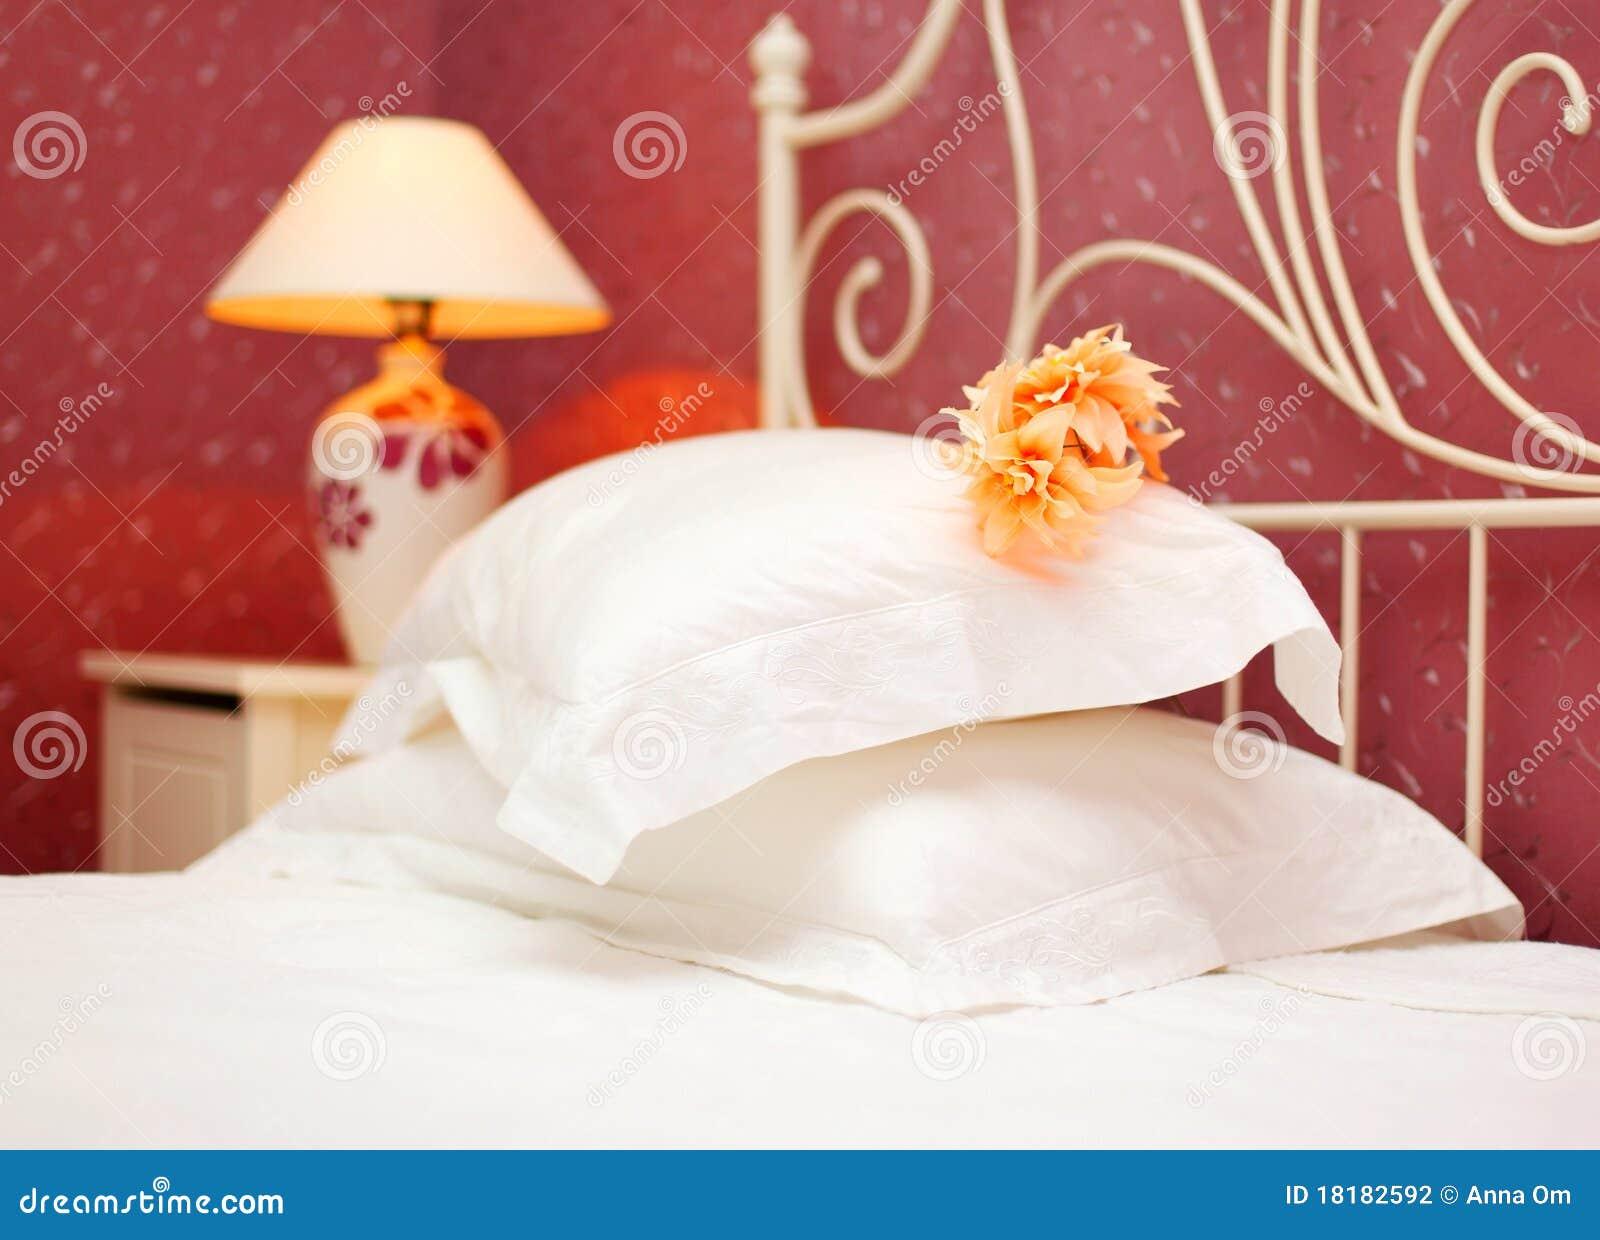 Romantische slaapkamer stock foto afbeelding bestaande uit decor 18182592 - Romantische slaapkamer ...